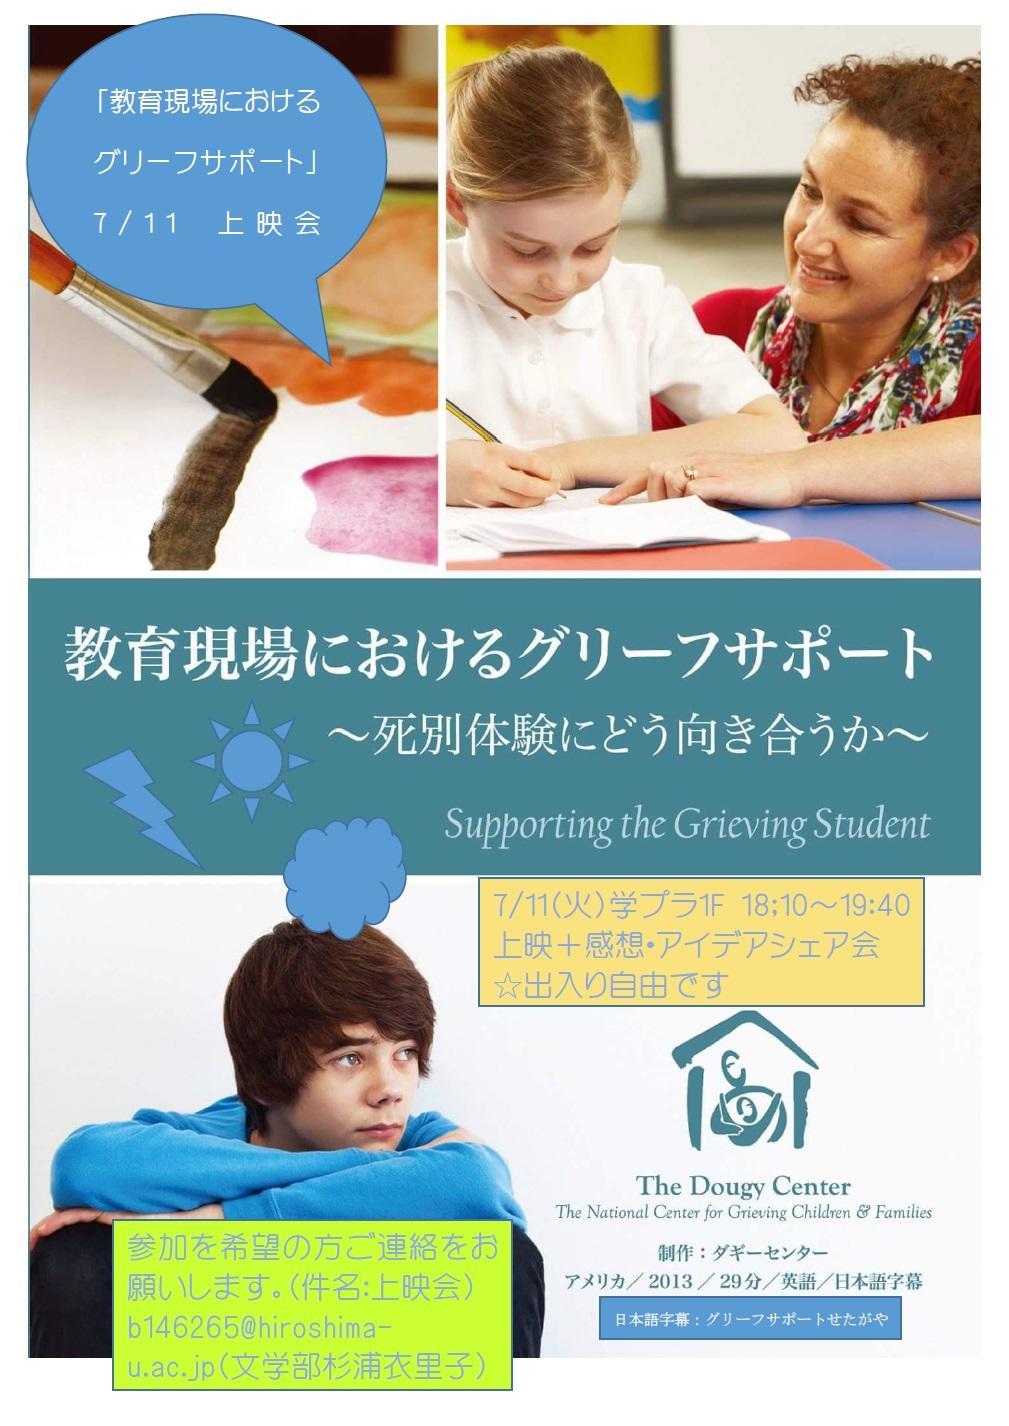 「教育現場におけるグリーフサポート~死別体験にどう向き合うか~」DVD上映会【子どもグリーフサポート研究会】